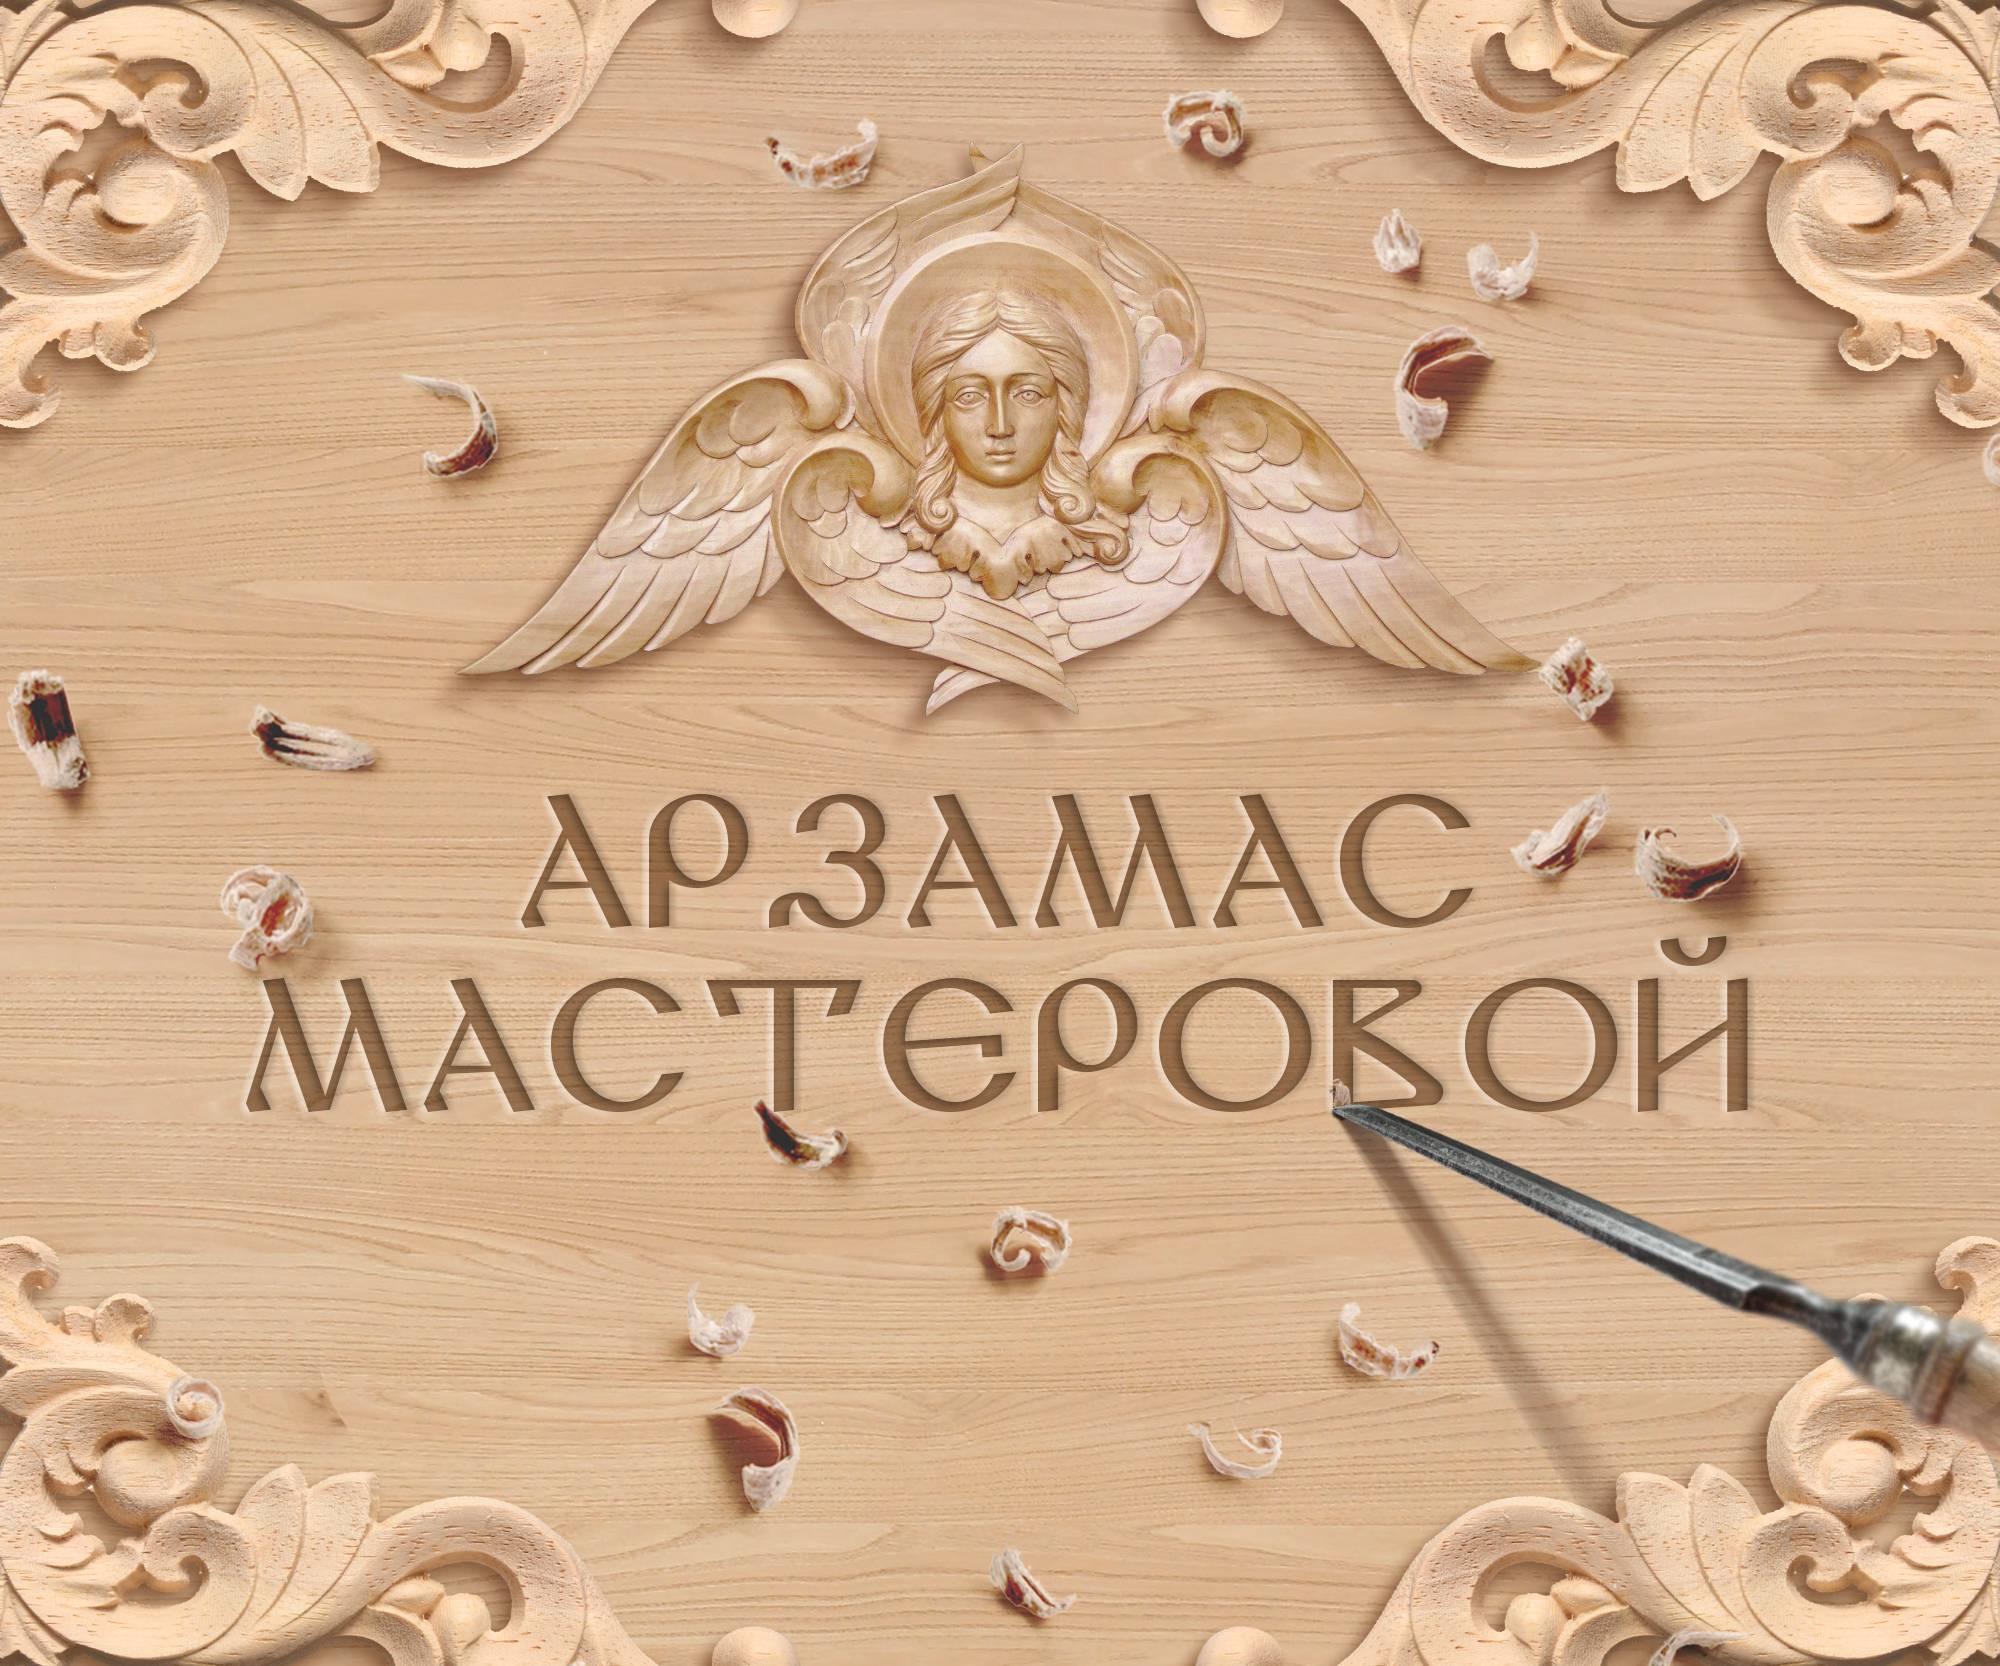 Портал «Серафимова земля» запускает цикл фоторассказов об арзамасских мастерах